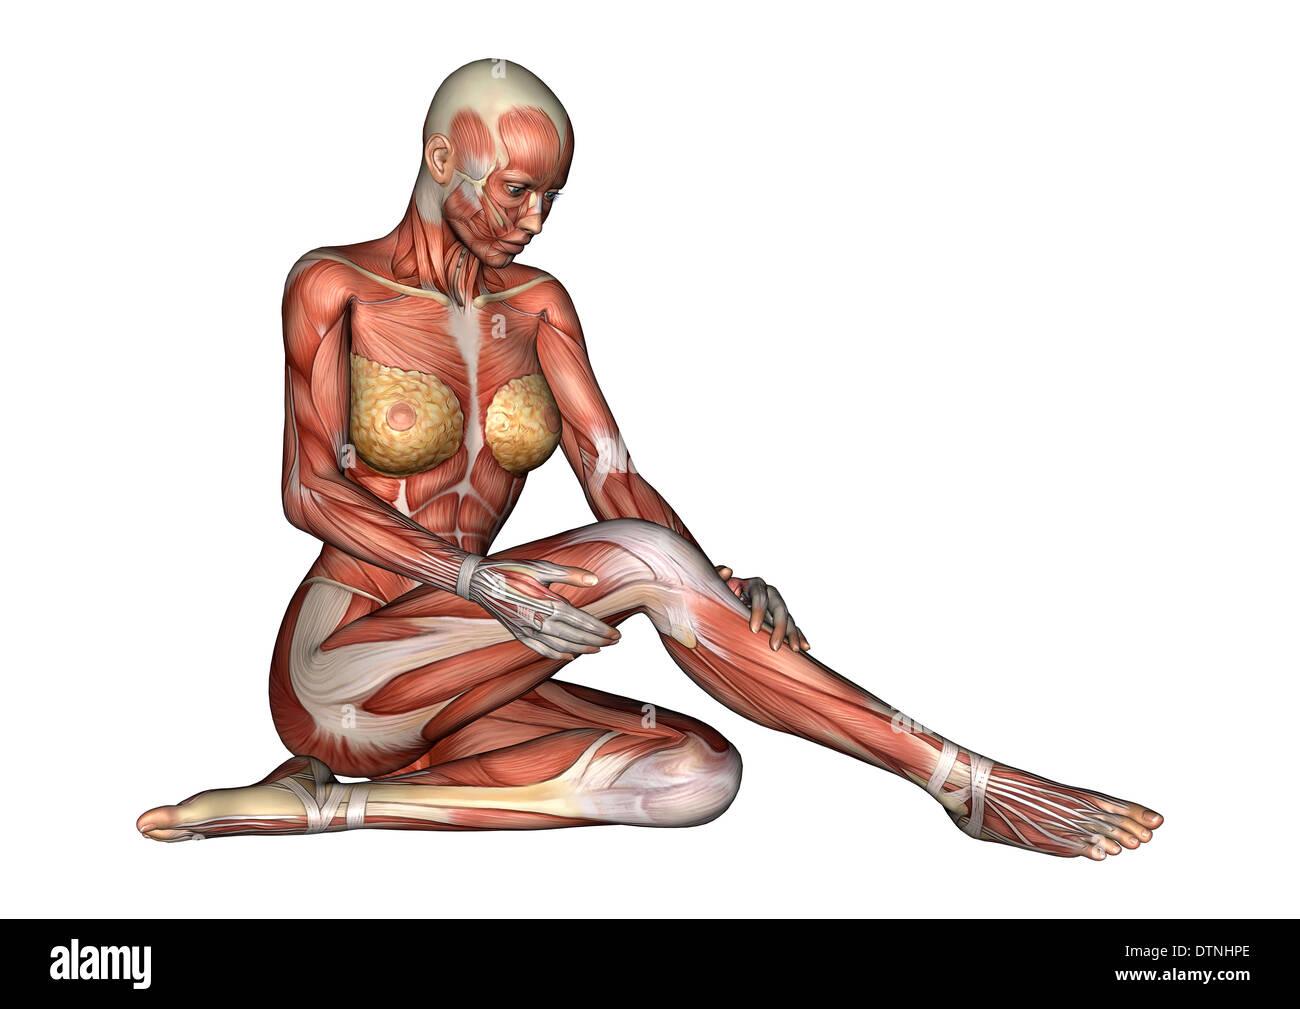 Ziemlich Frau Weibliche Anatomie Bilder - Anatomie Ideen - finotti.info